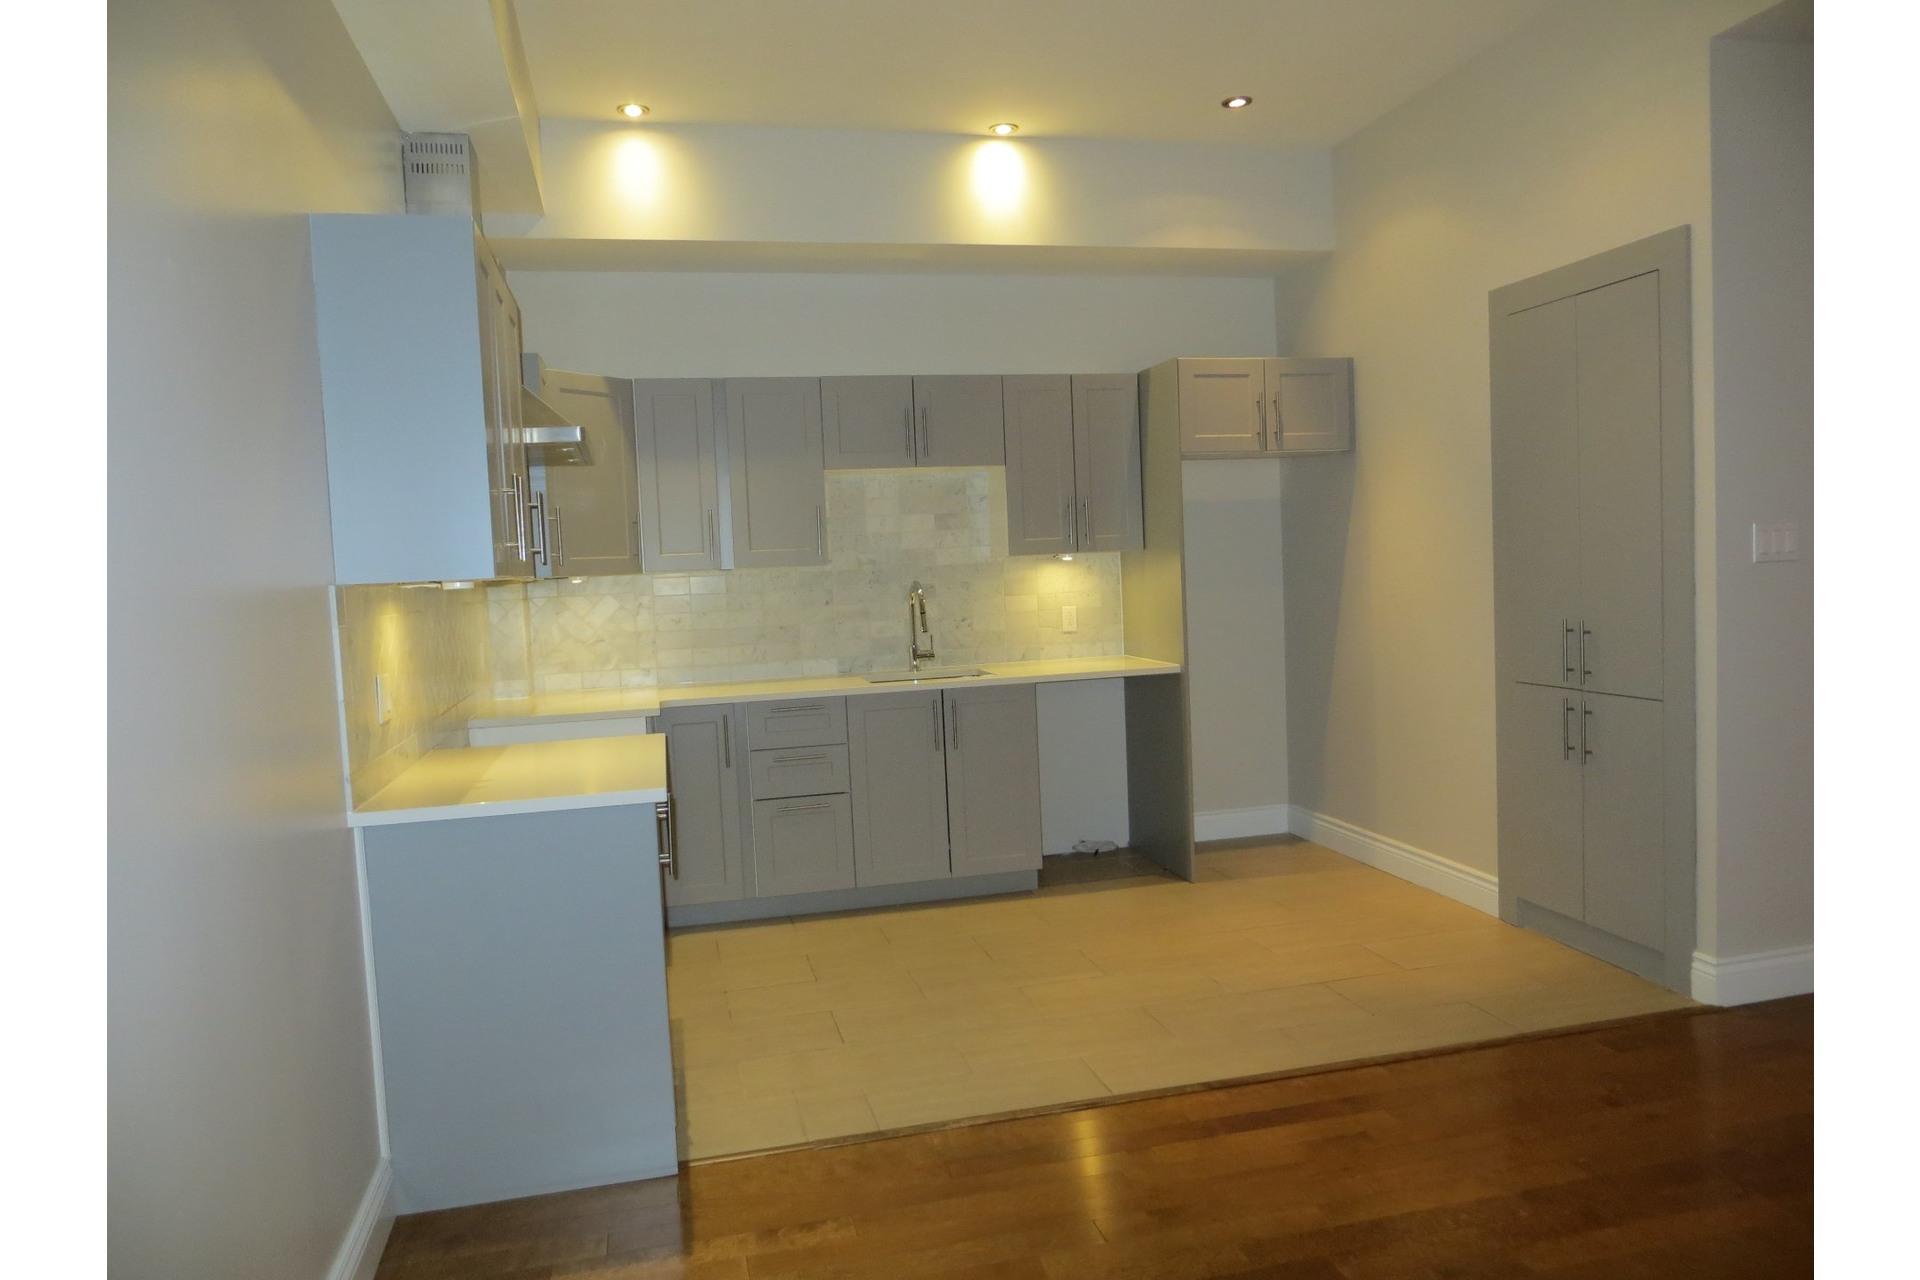 image 20 - Appartement À vendre Côte-des-Neiges/Notre-Dame-de-Grâce Montréal  - 5 pièces